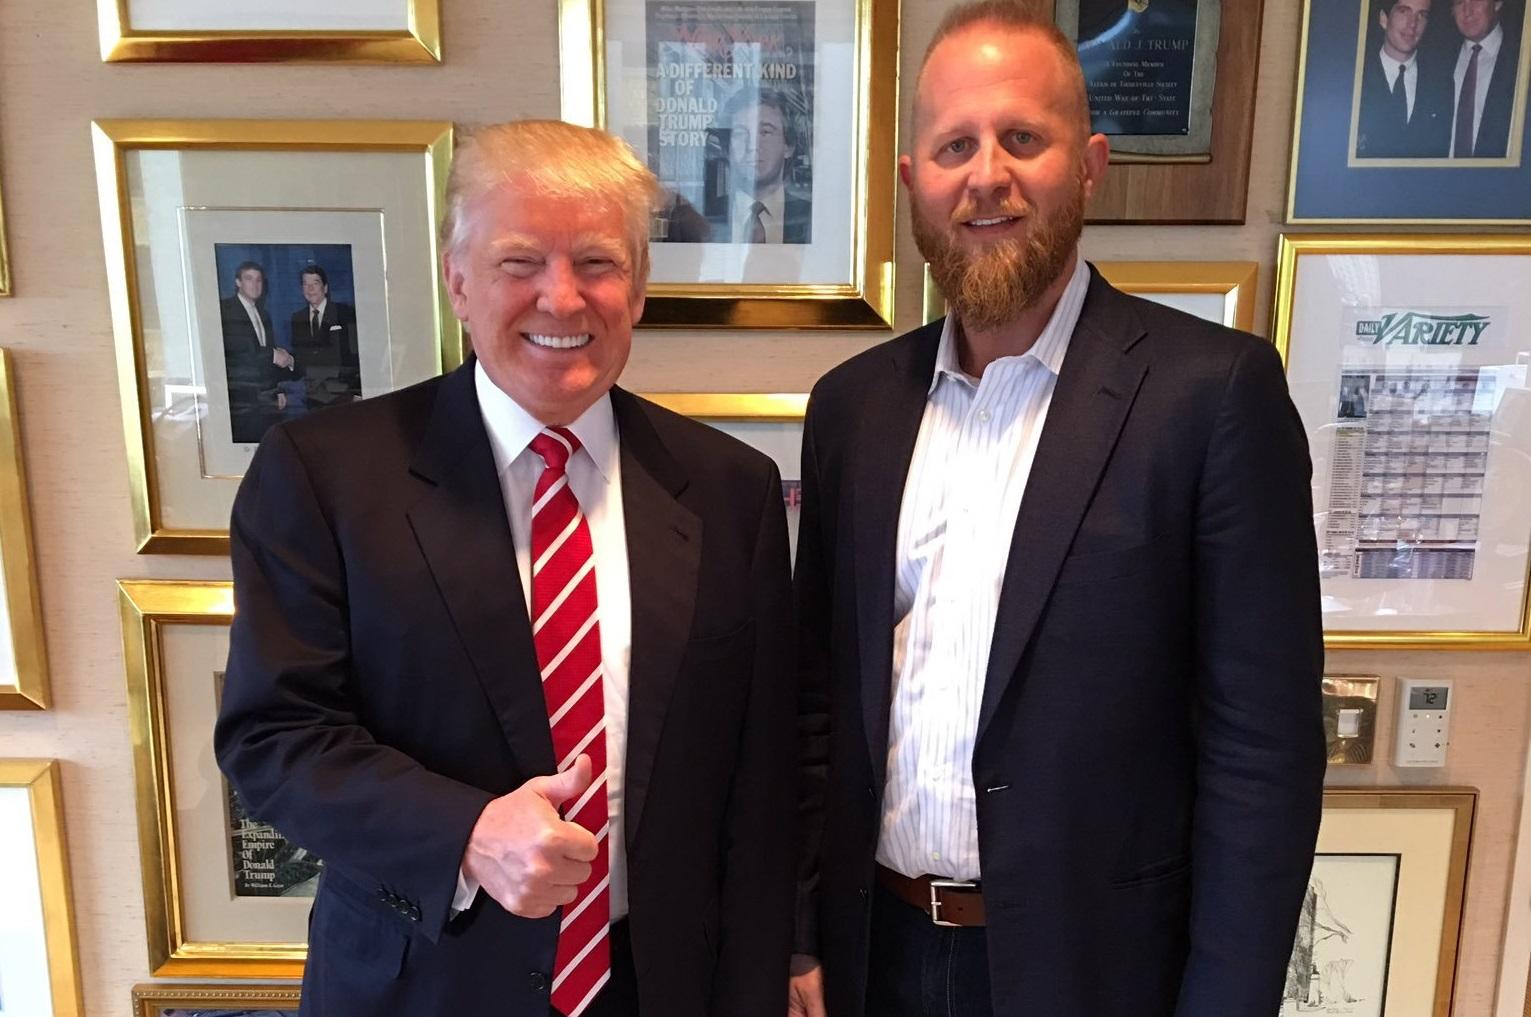 ¿Por qué Trump reemplaza a su jefe de campaña a cuatro meses de las elecciones presidenciales?